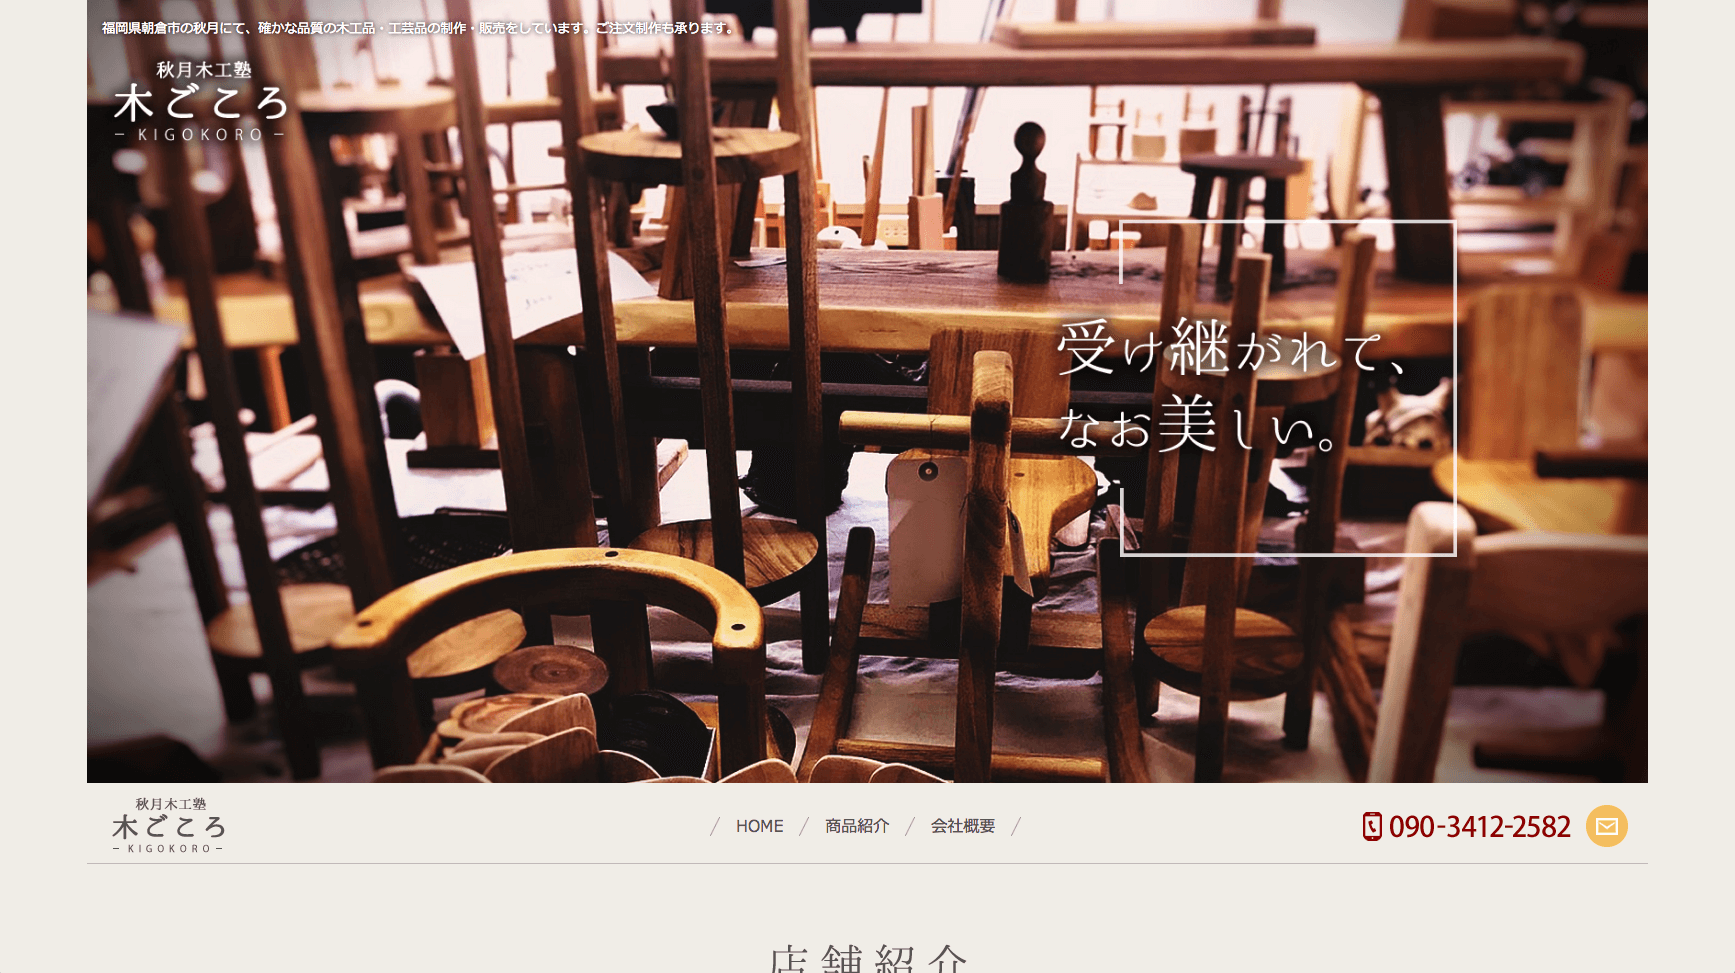 秋月木工塾「木ごころ」